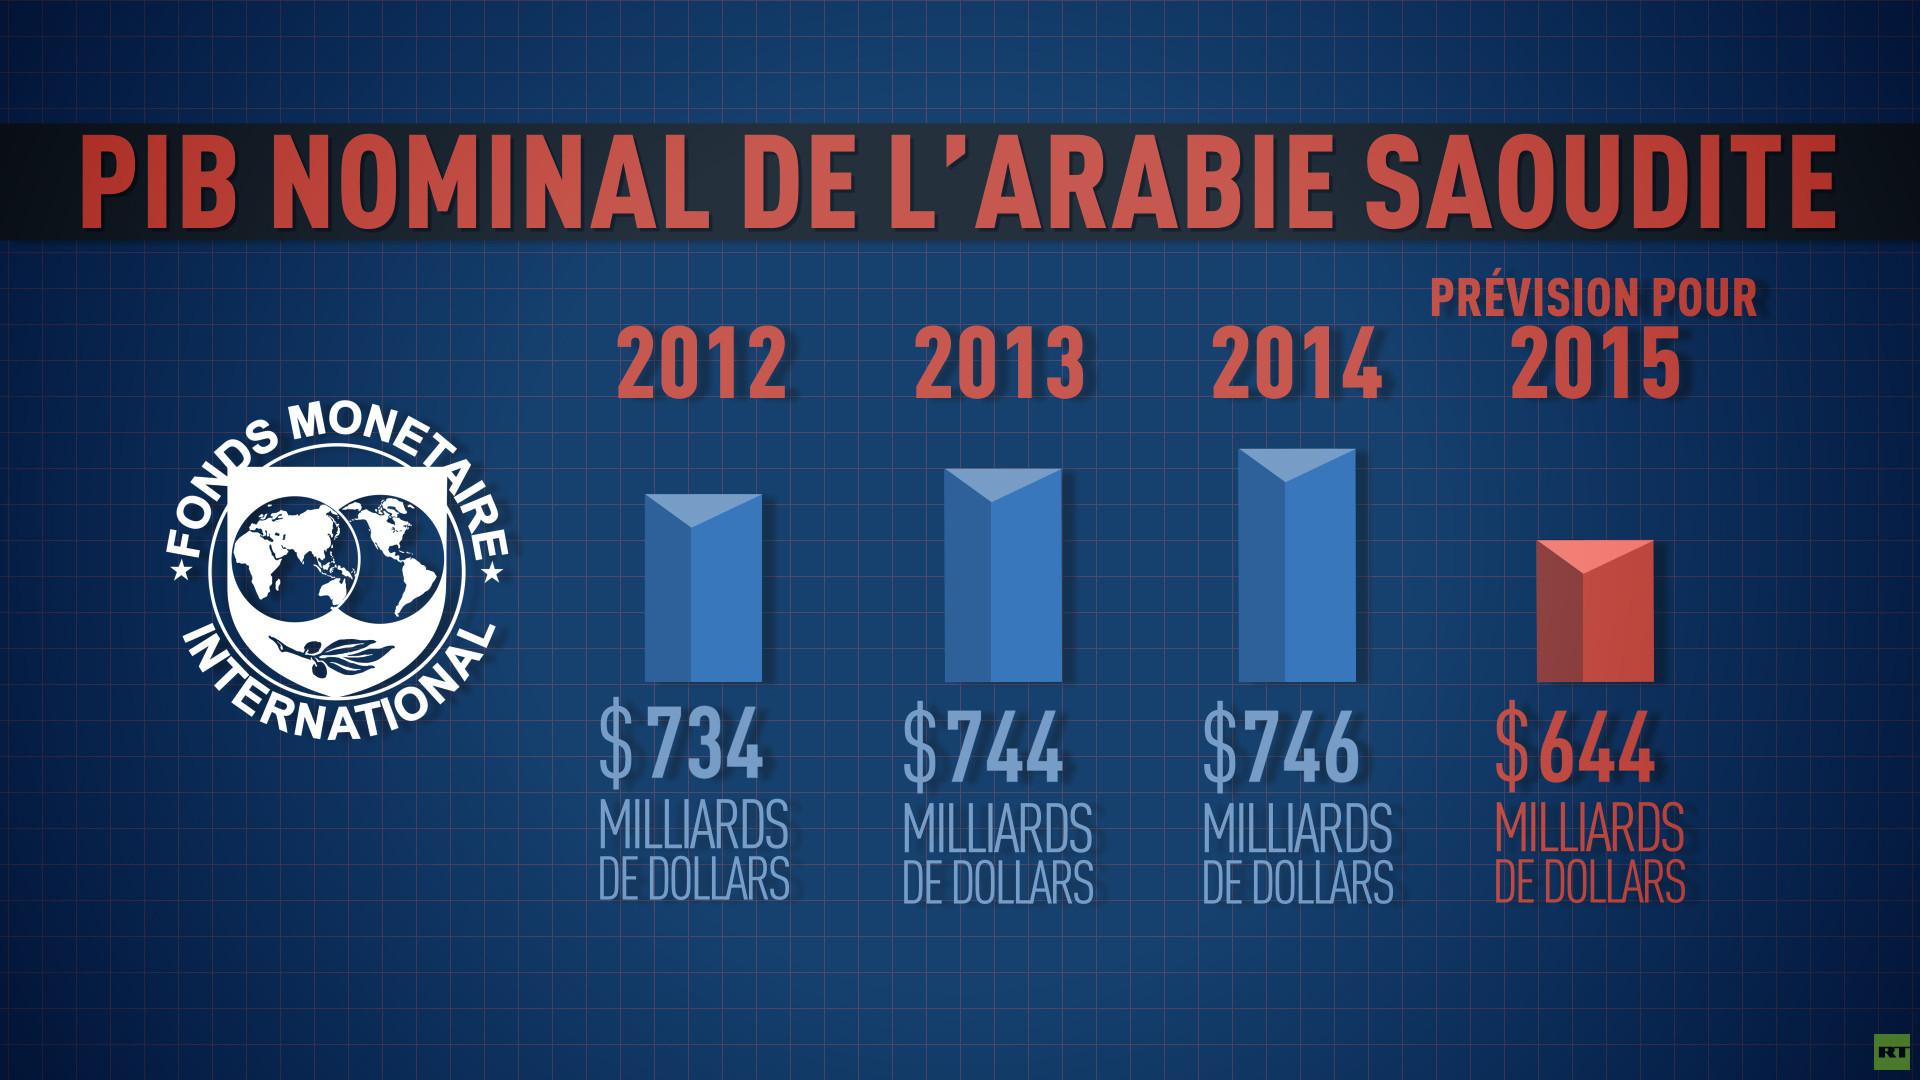 L'Arabie saoudite souffre face au défi du pétrole bon marché